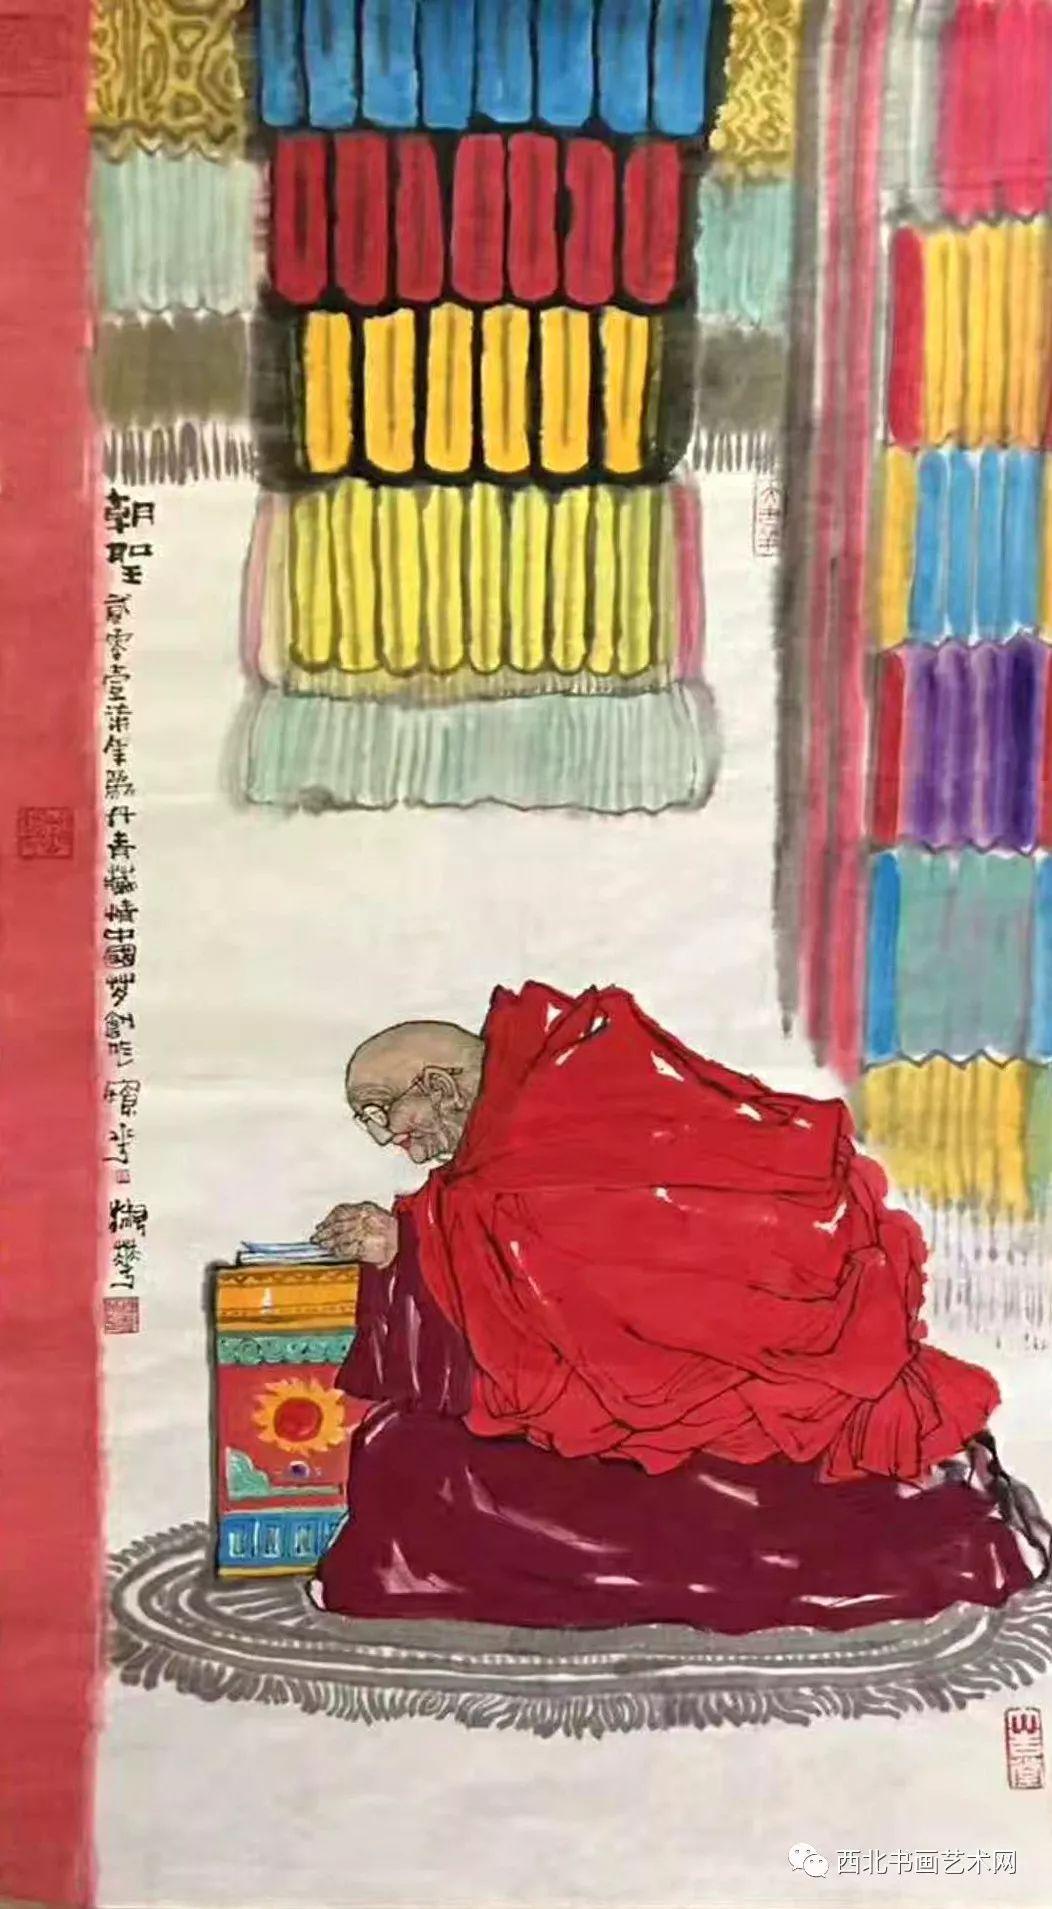 西北书画艺术网向您推荐:著名画家刘宝平 第24张